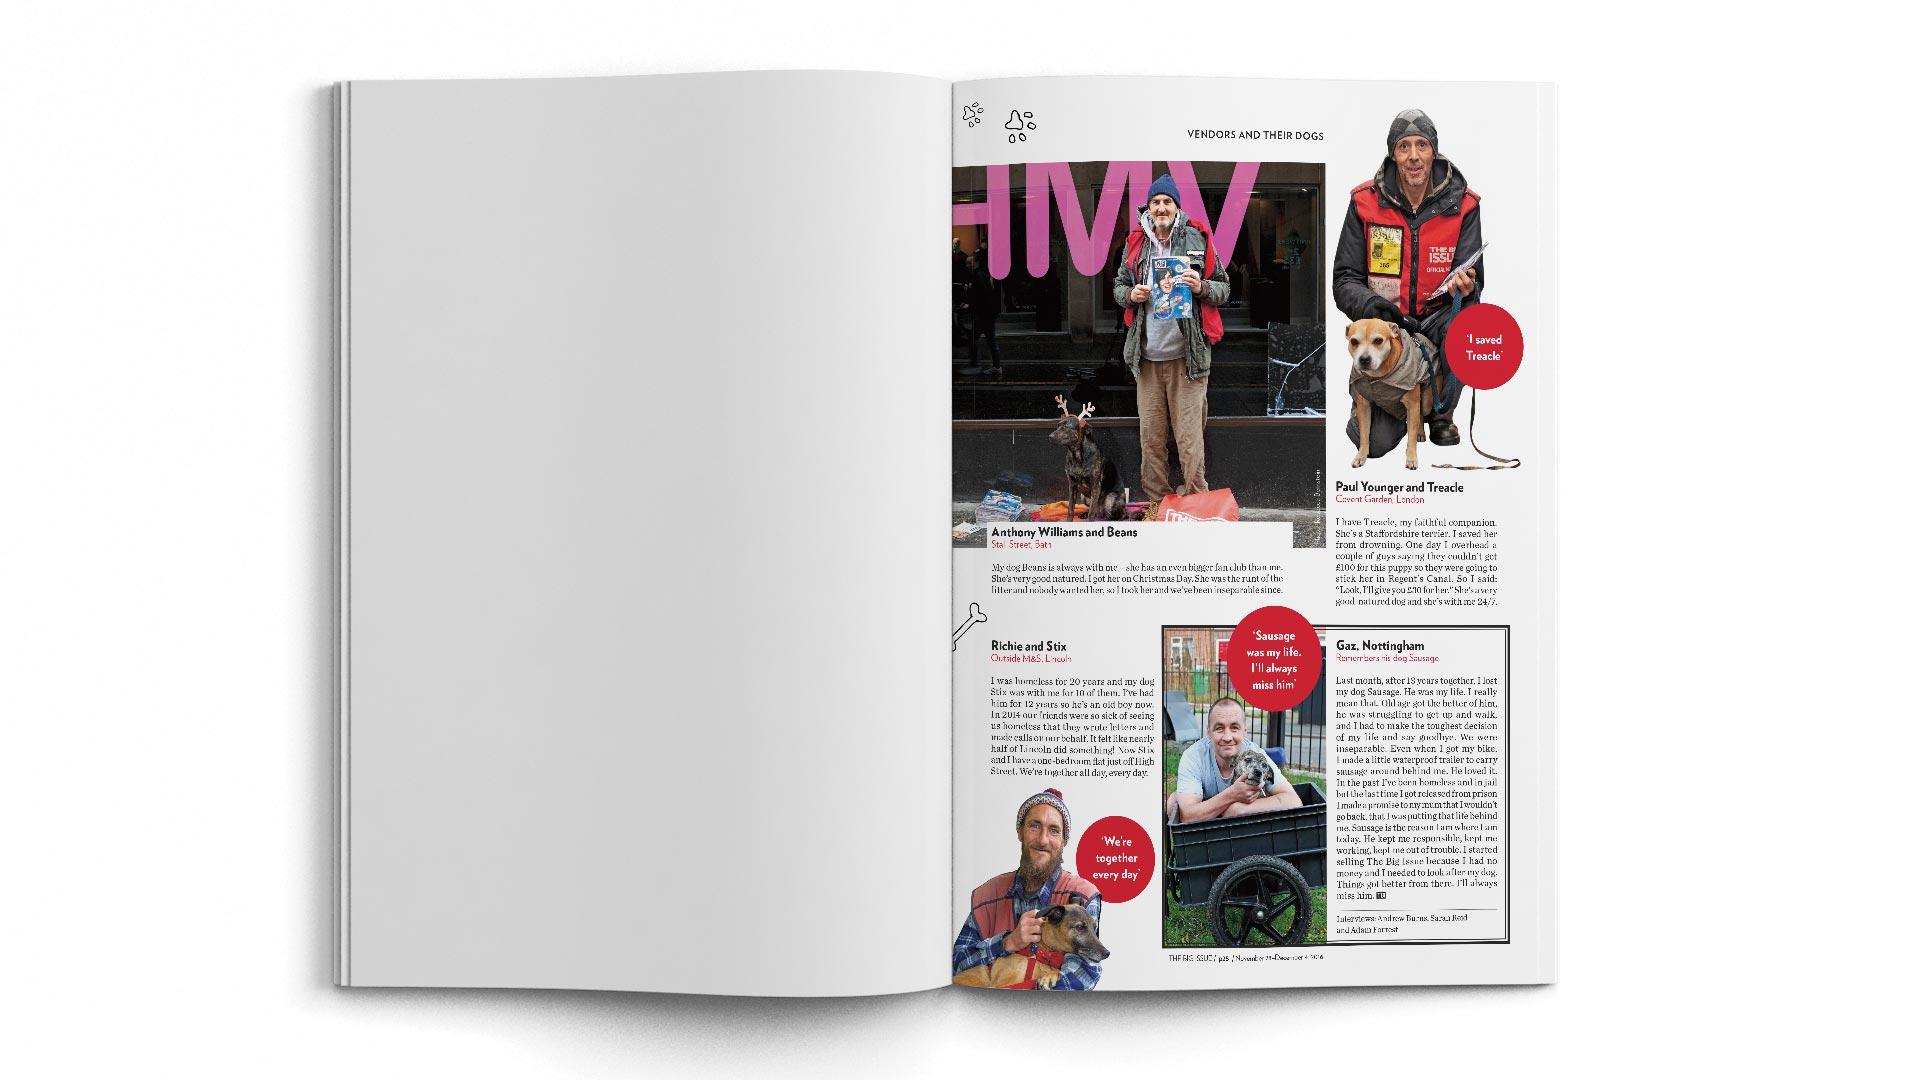 A4-Magazine-DPS-TBI-Xmas-vendor-dogs-3